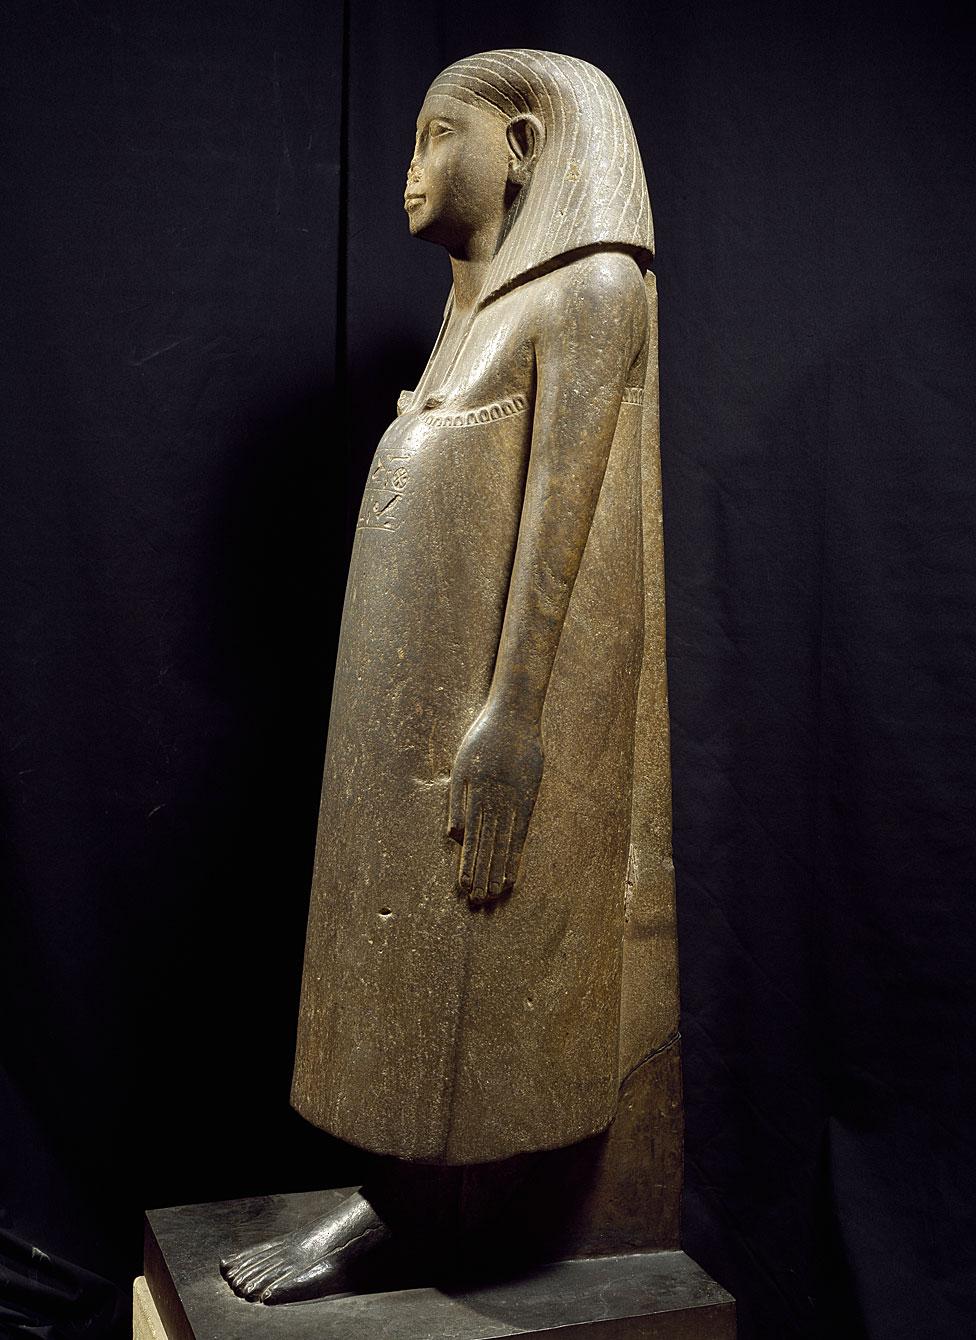 Estatua de cuarcita del Visir Iimeru, de 148 cm de altura, Karnak. Civilización egipcia, Reino Medio. París, Musée du Louvre